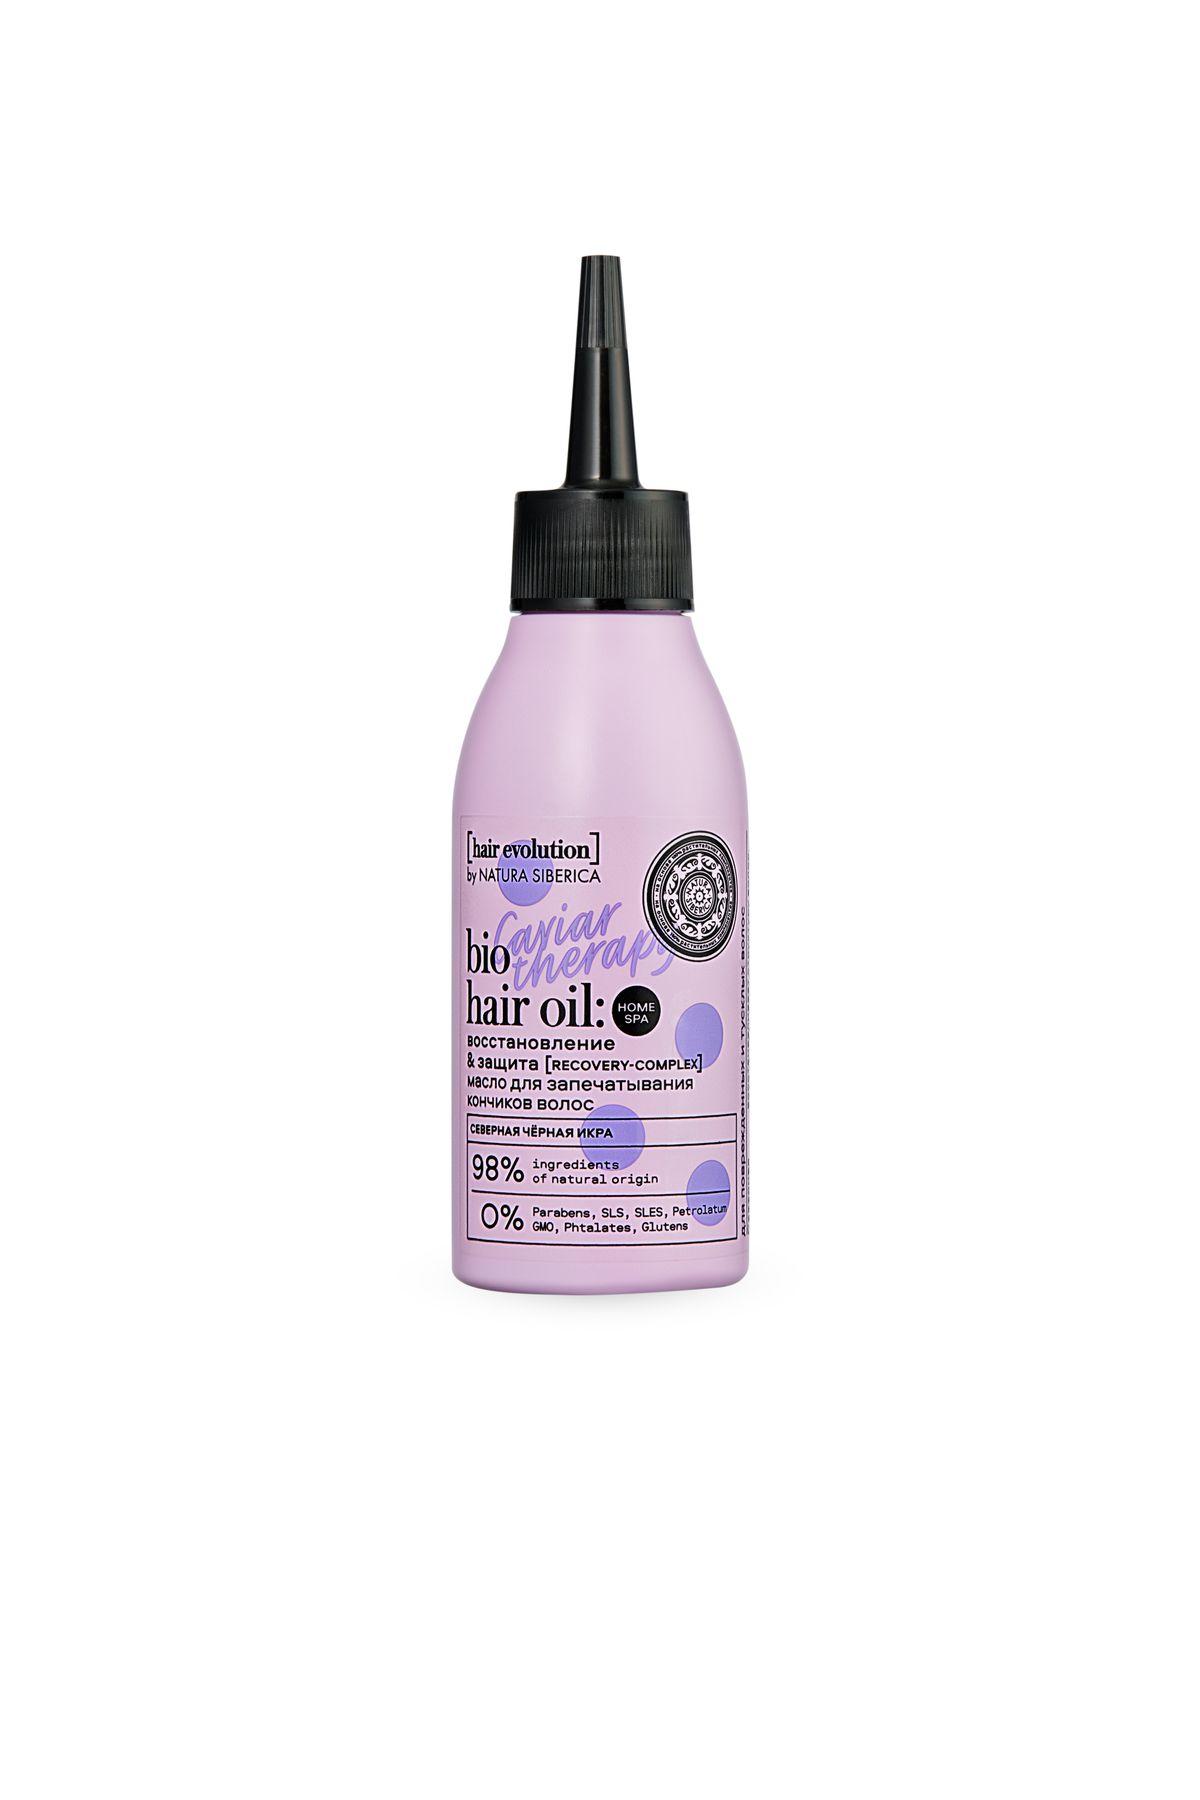 Купить Natura Siberica Hair Evolution Масло для запечатывания кончиков волос CAVIAR THERAPY.Восстановление &Защита , 120мл (shop: Organic-shops Organic shops)